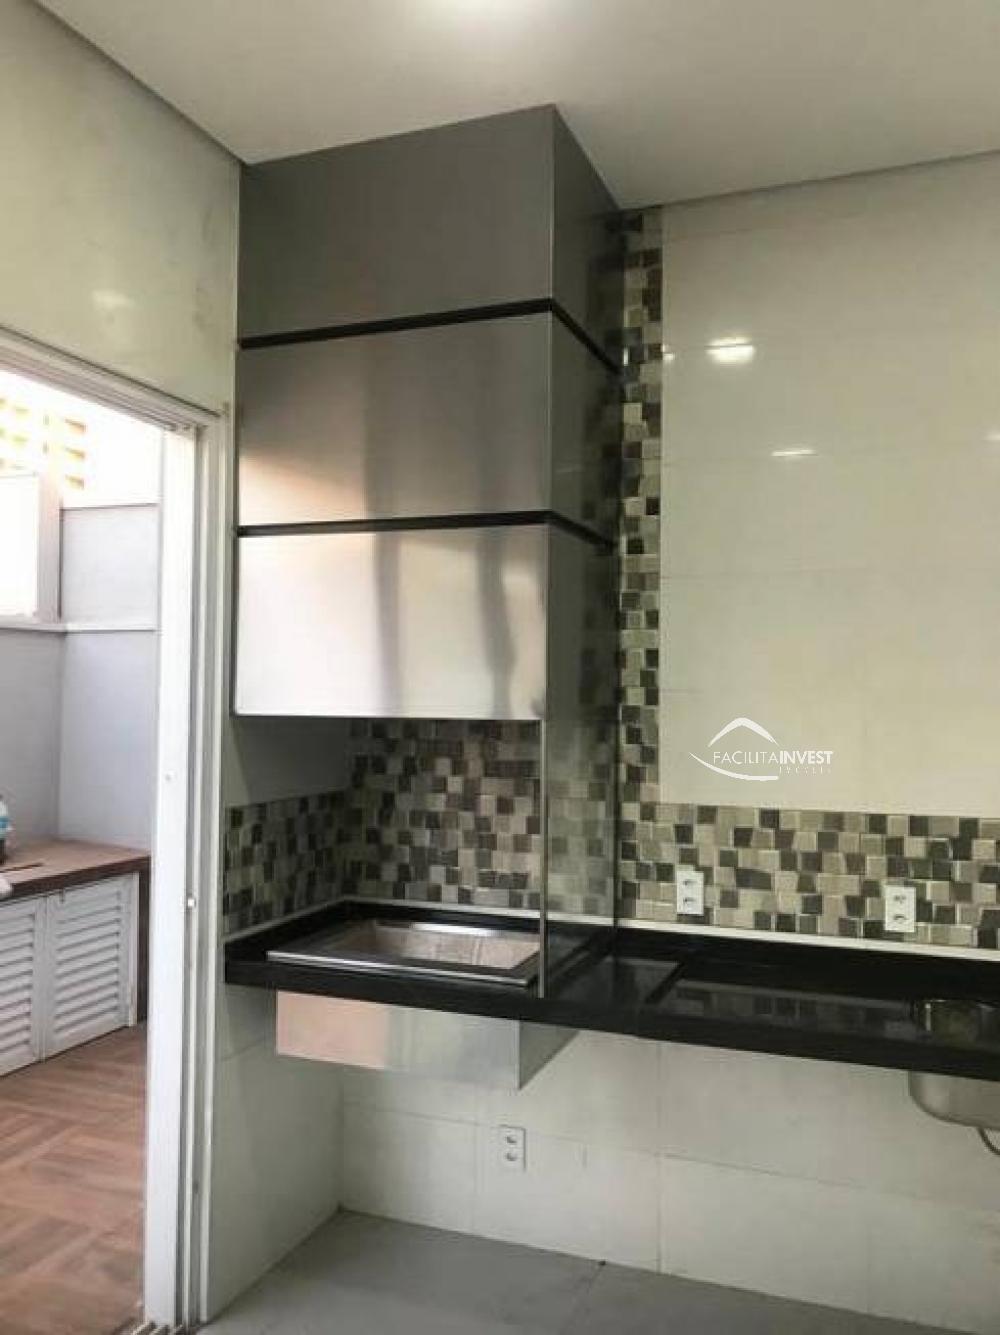 Comprar Casa Condomínio / Casa Condomínio em Ribeirão Preto R$ 950.000,00 - Foto 4